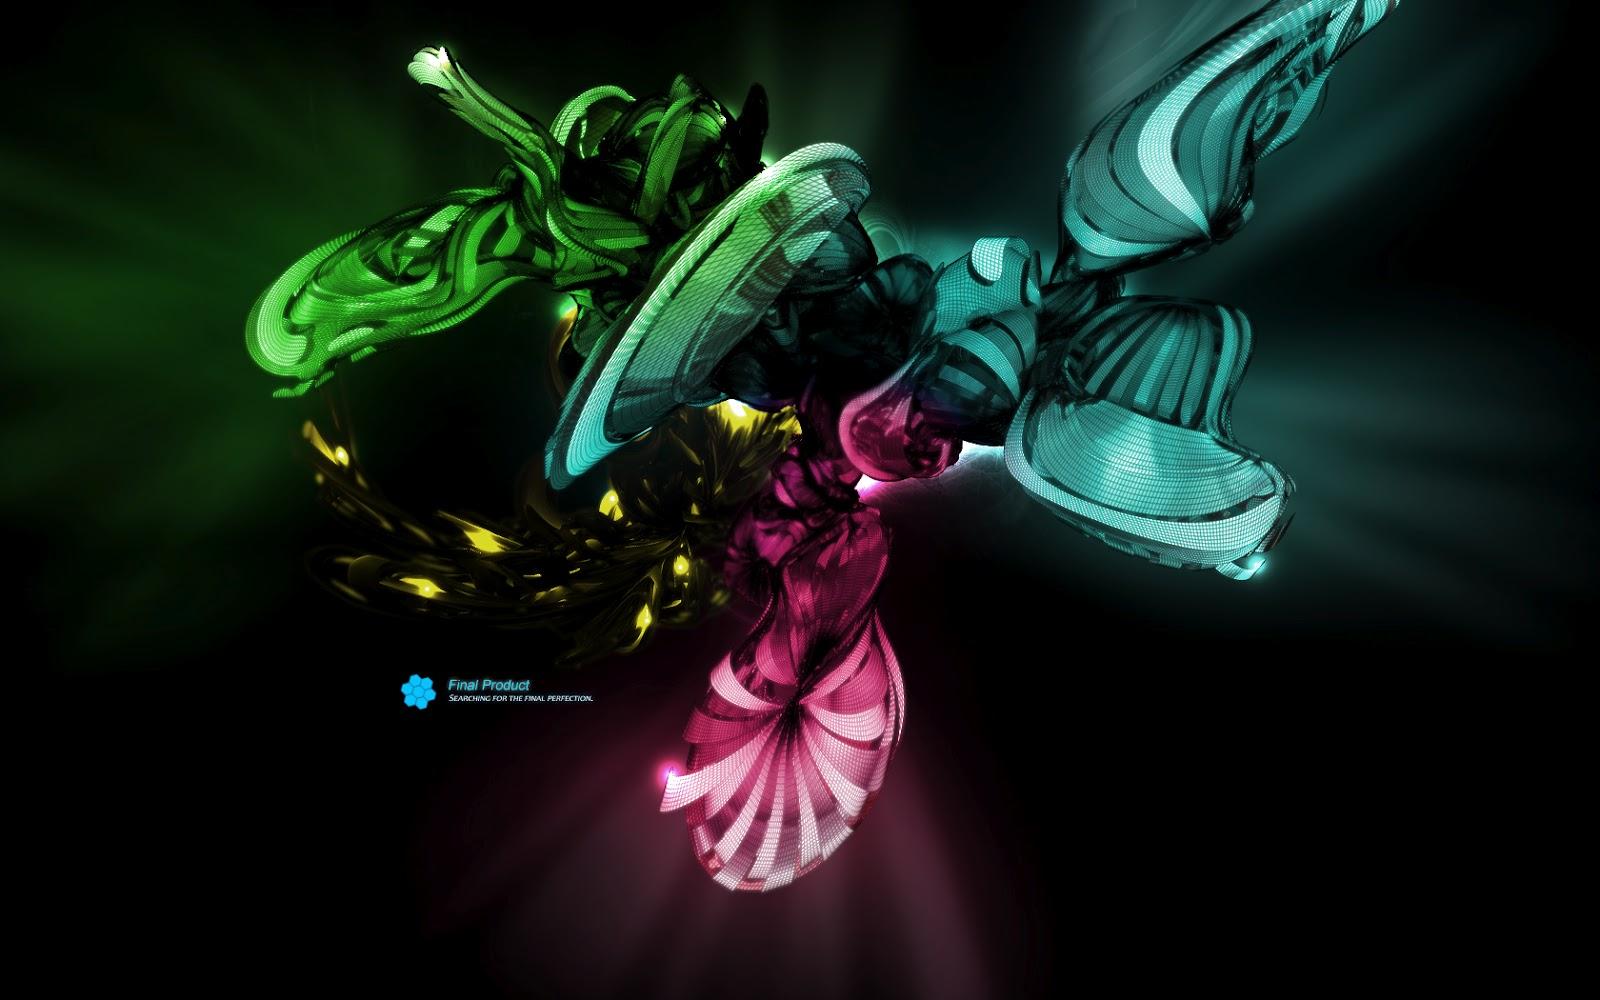 Modern art desktop wallpaper - Art wallpaper pictures ...